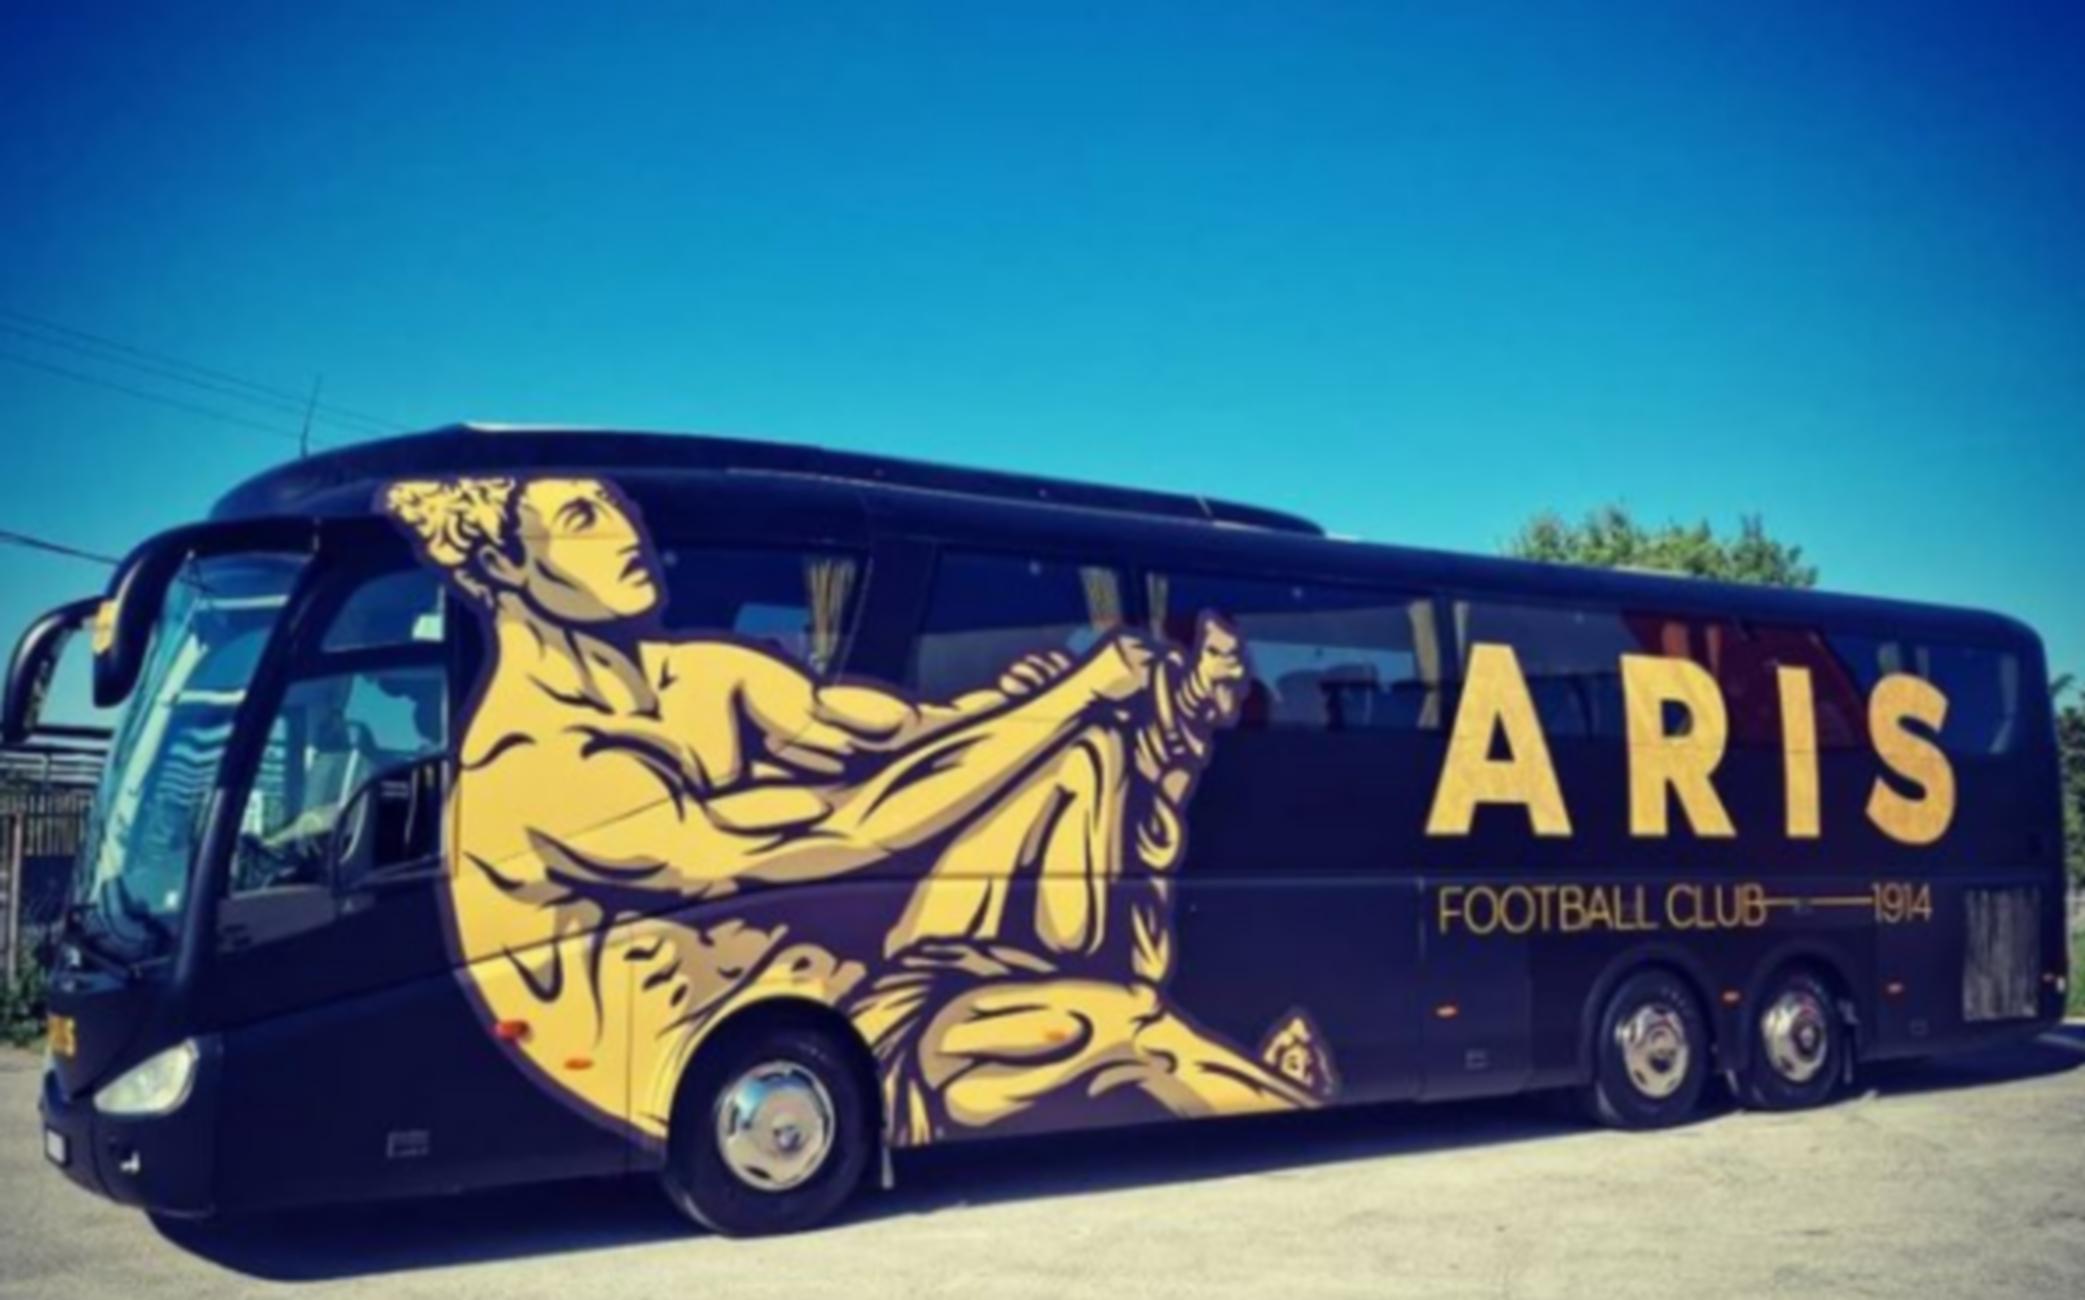 Άρης: Εντυπωσιάζει το νέο λεωφορείο της ομάδας